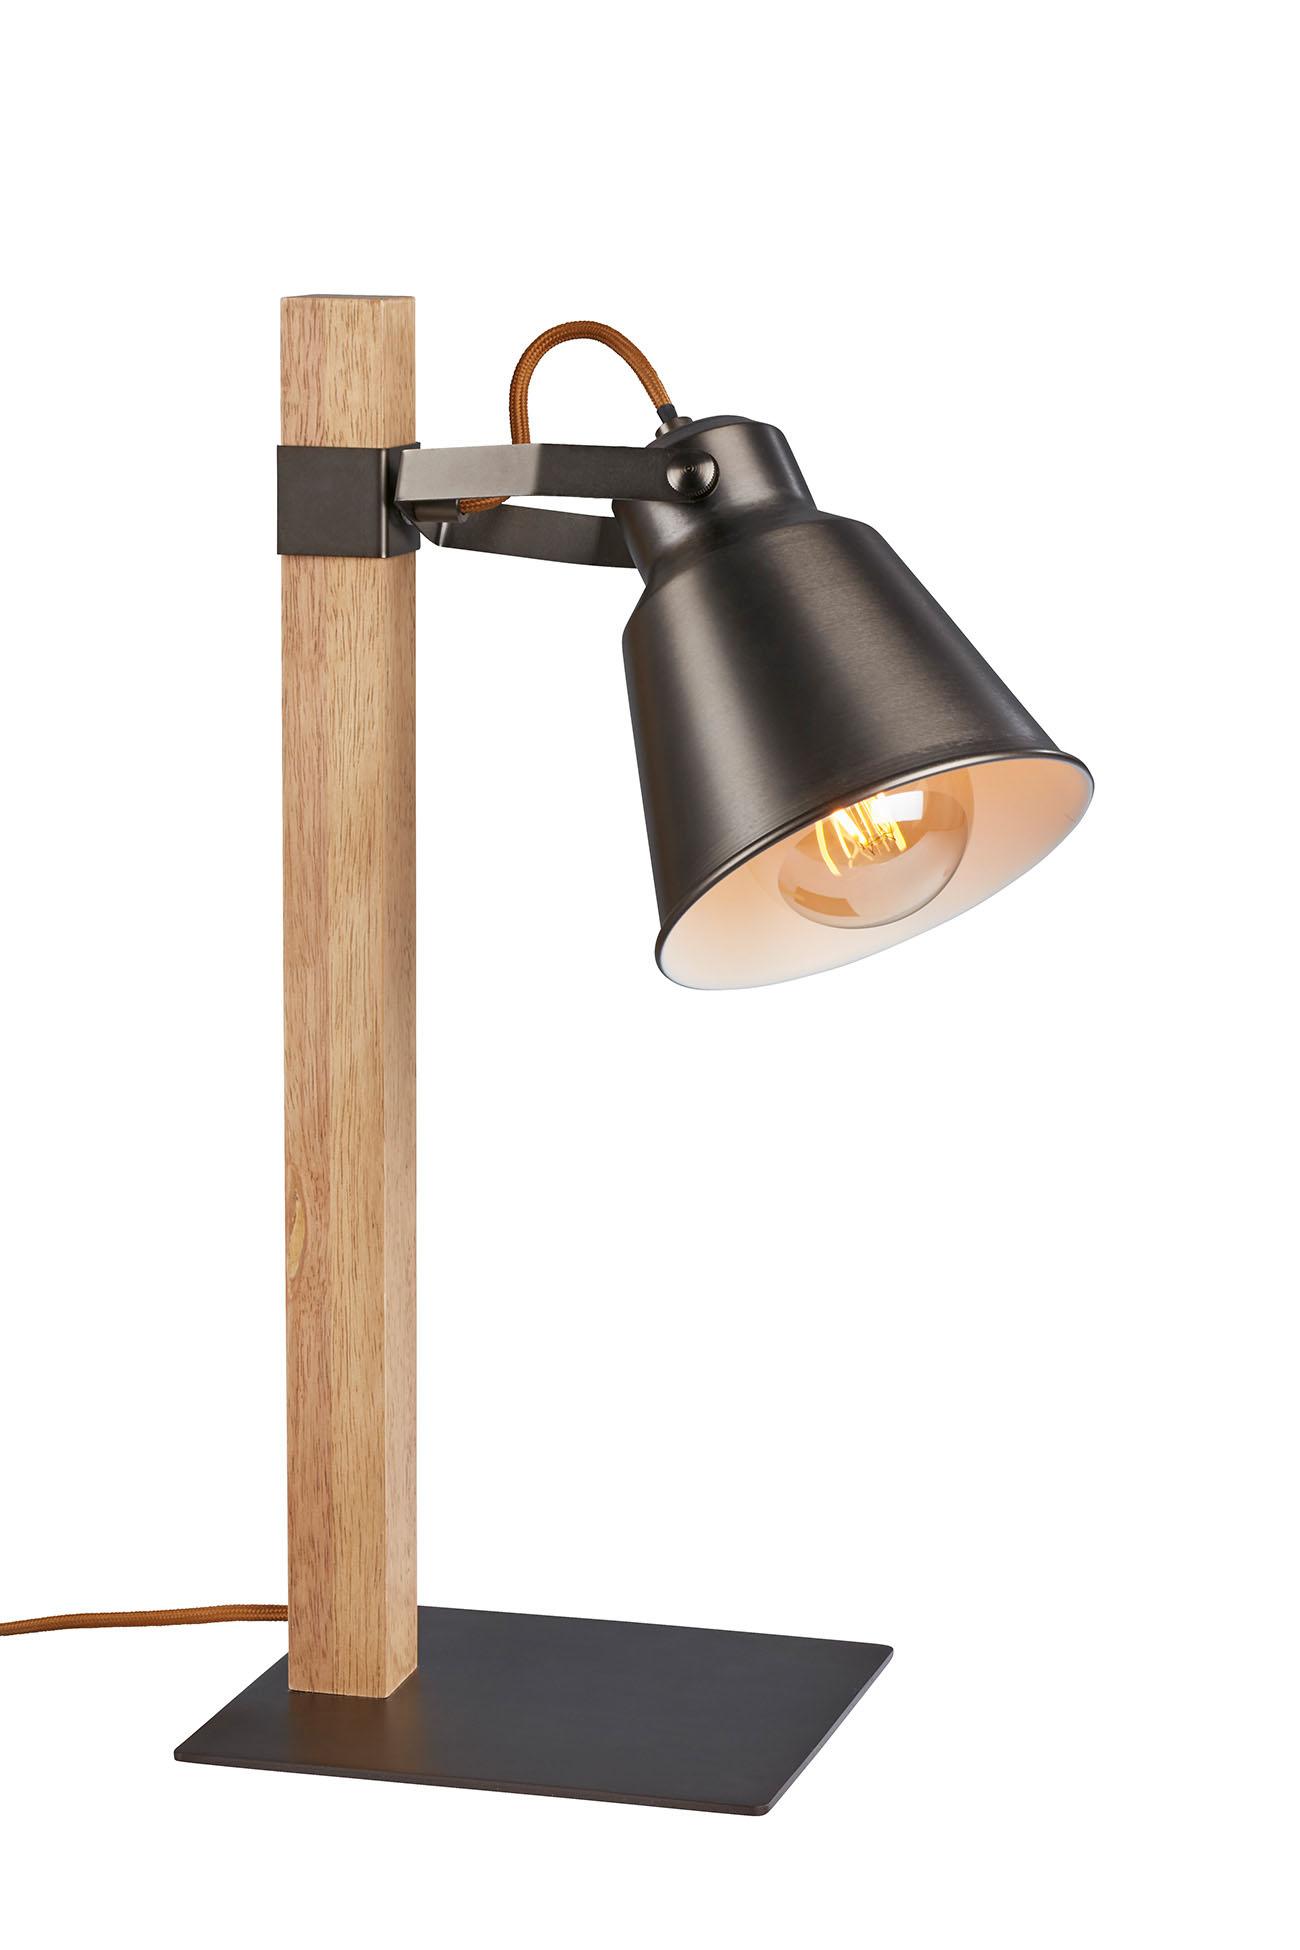 Tischleuchte, 20 cm, max. 25 W, Grau-Holz